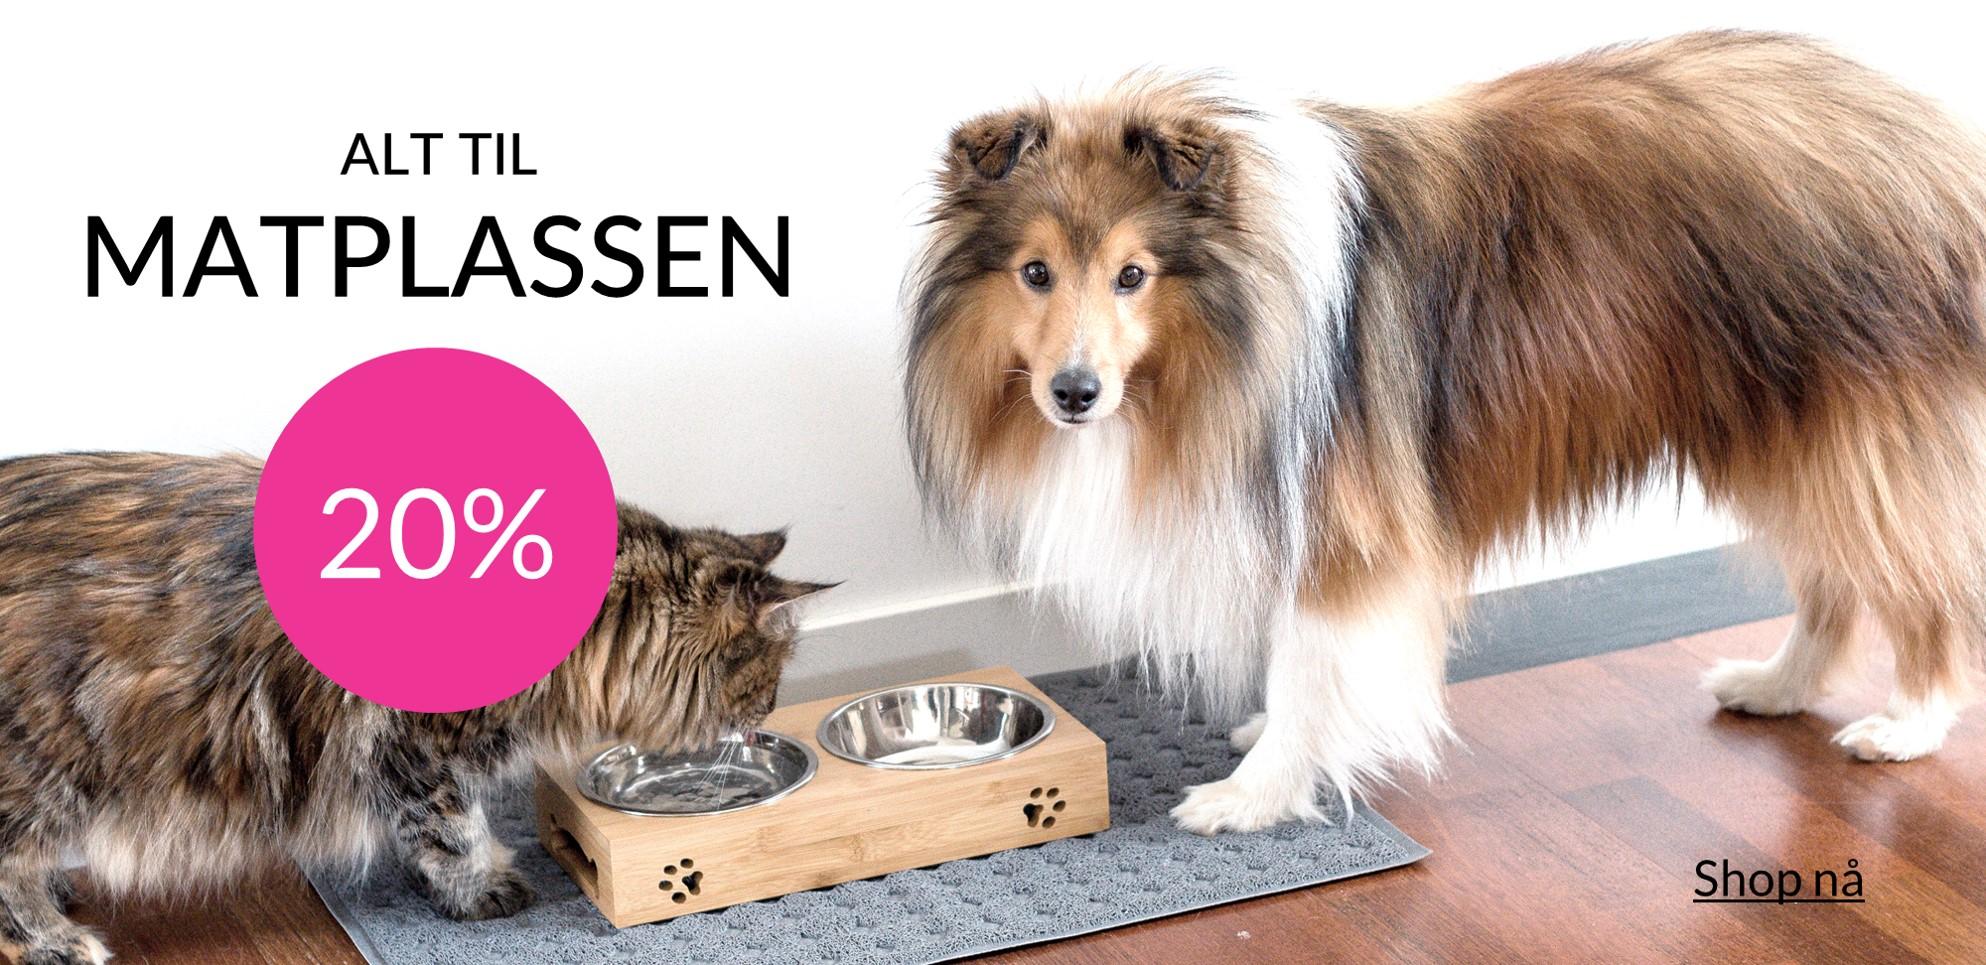 Hundeskåler og katteskåler og alt til matplassen på tilbud